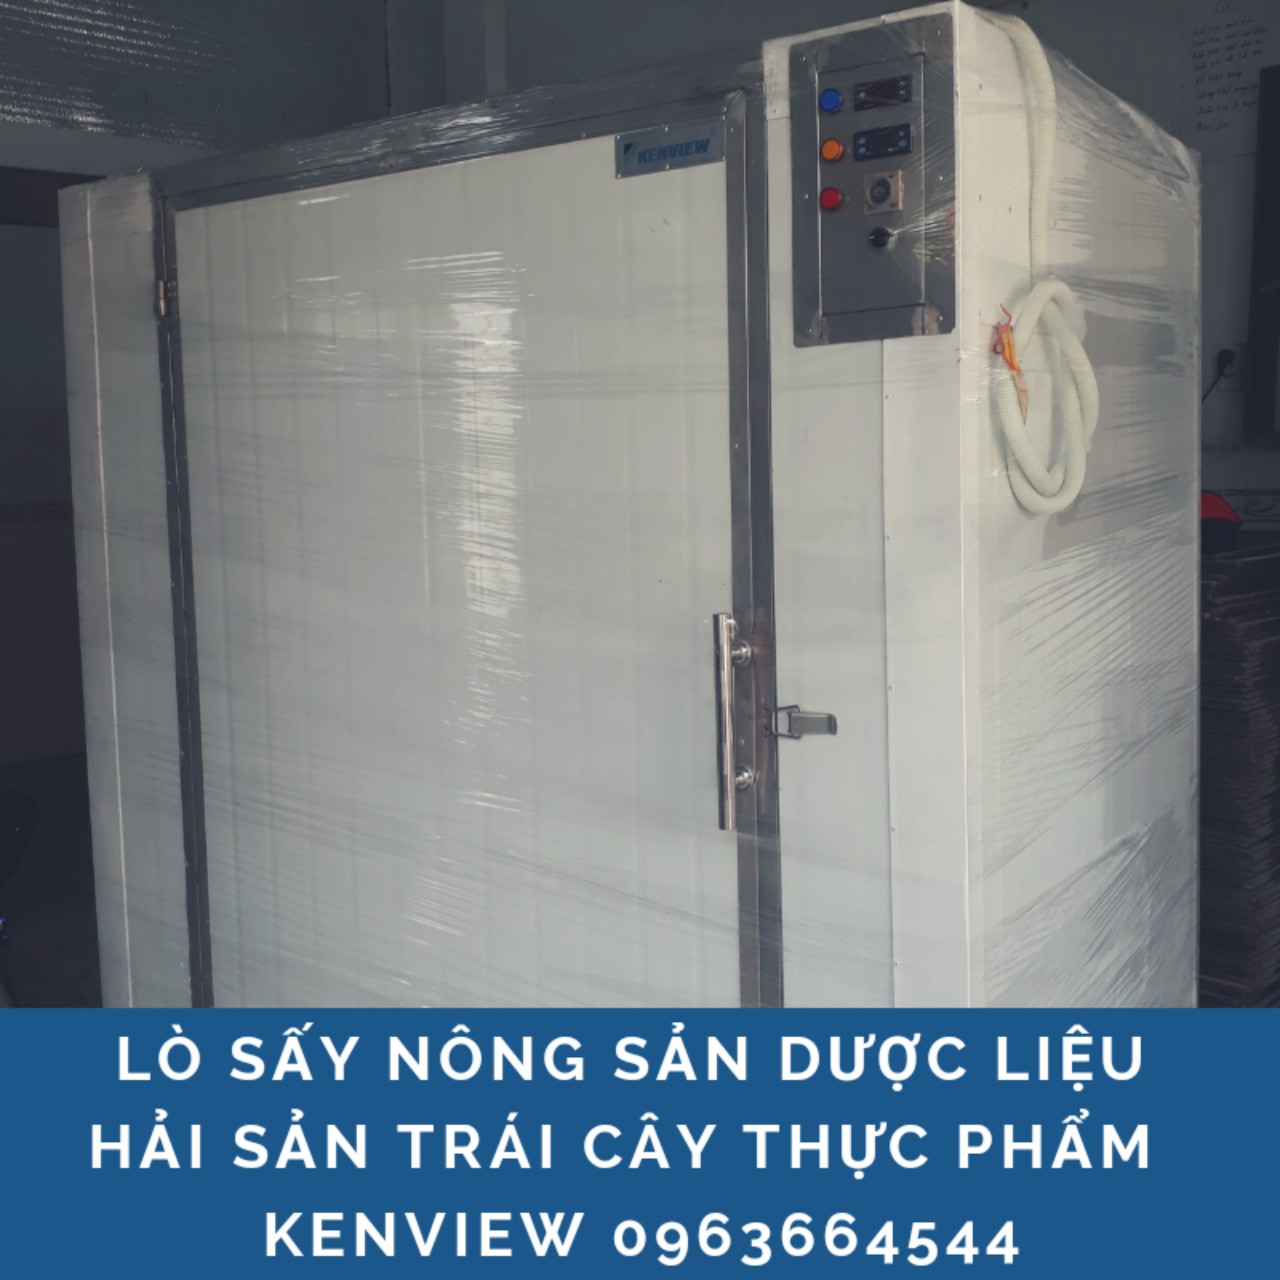 Kenview cung cấp máy sấy nông sản, dược liệu, hải sản ở Quảng Ngãi